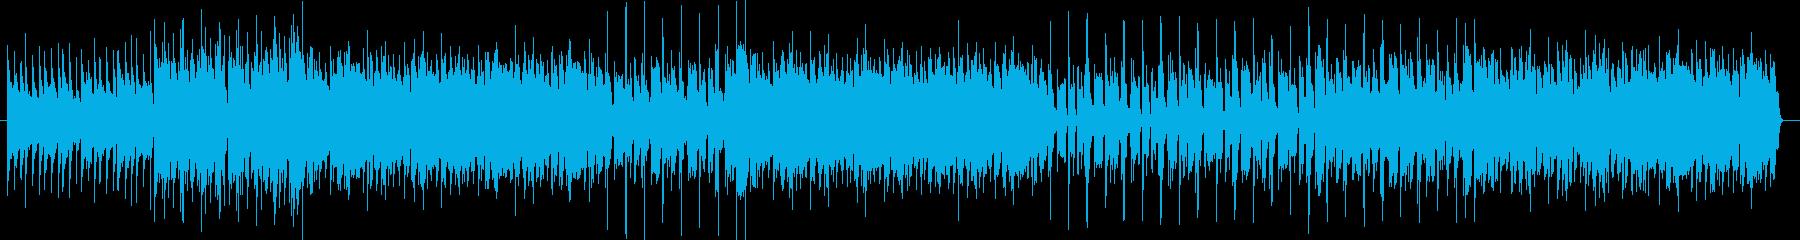 クールなミドルテンポのトラックの再生済みの波形